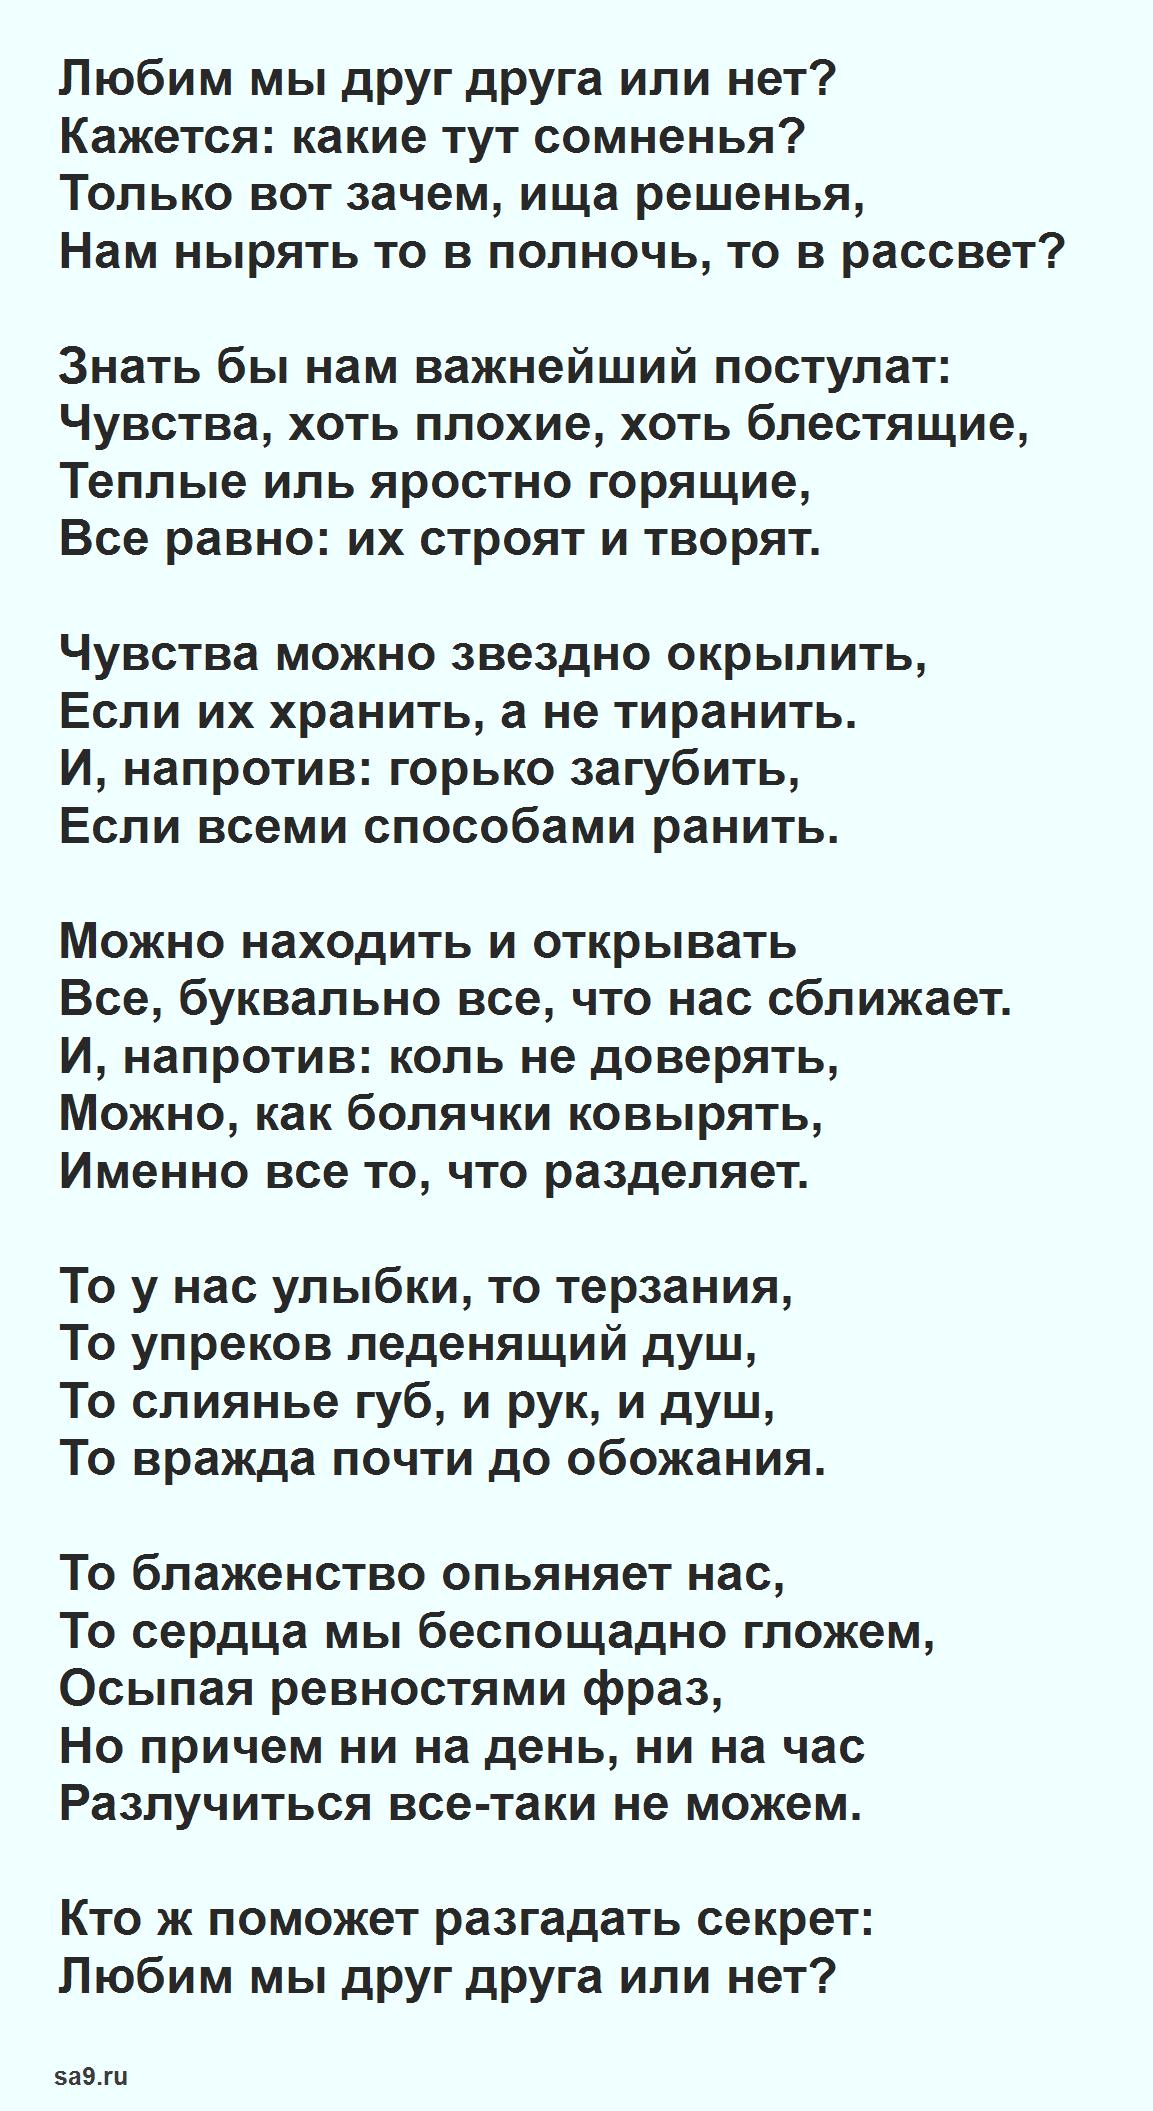 Стихи Асадова - Любим мы друг друга или нет?